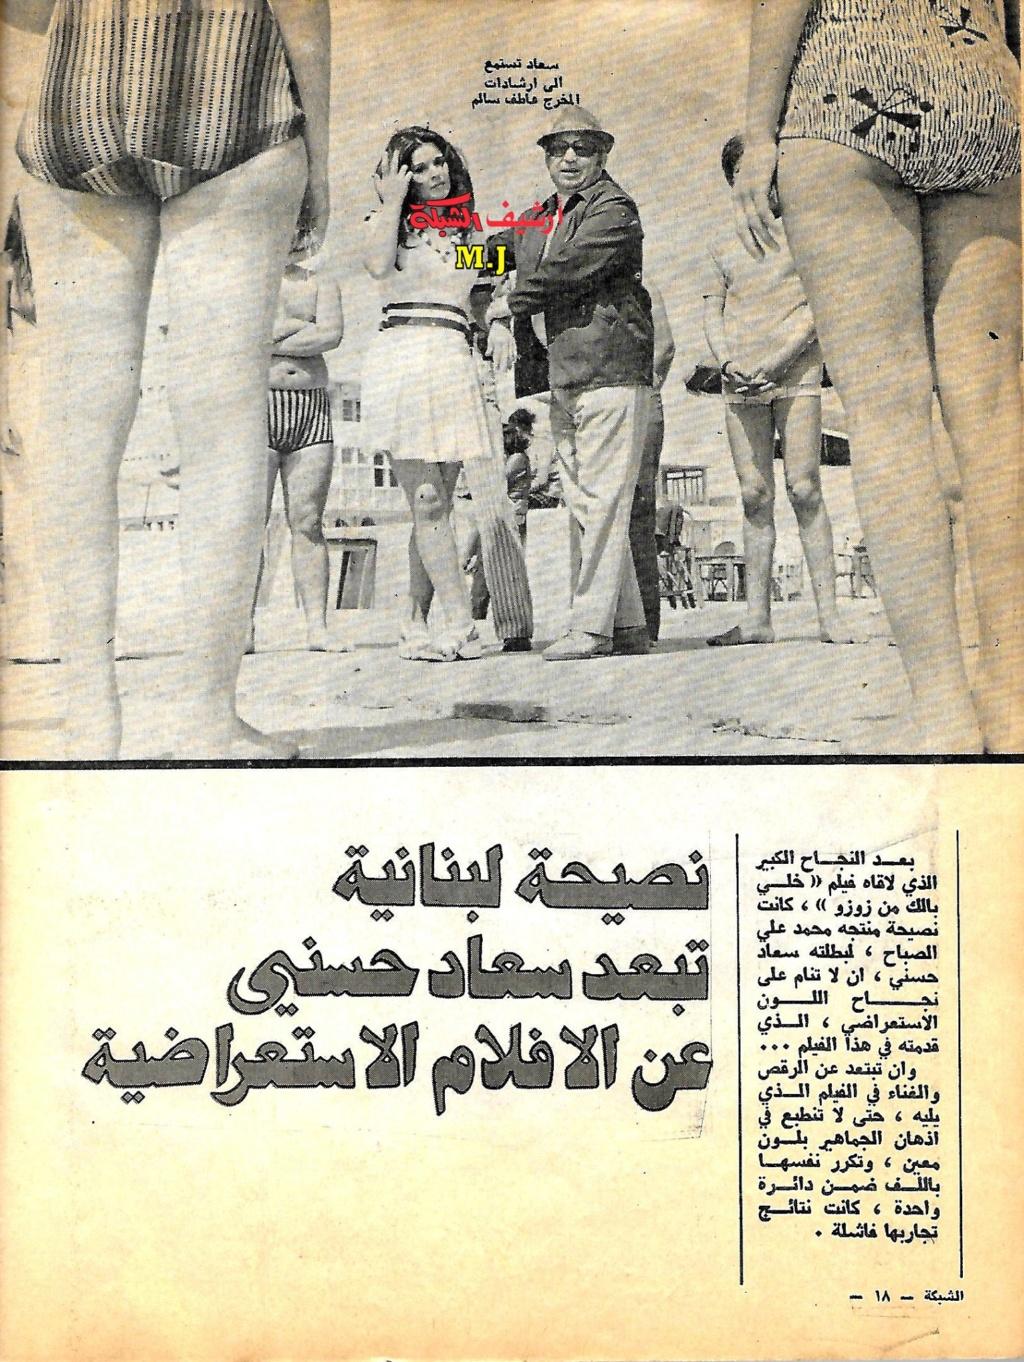 مقال صحفي : نصيحة لبنانية تبعد سعاد حسني عن الافلام الاستعراضية 1973 م 1384